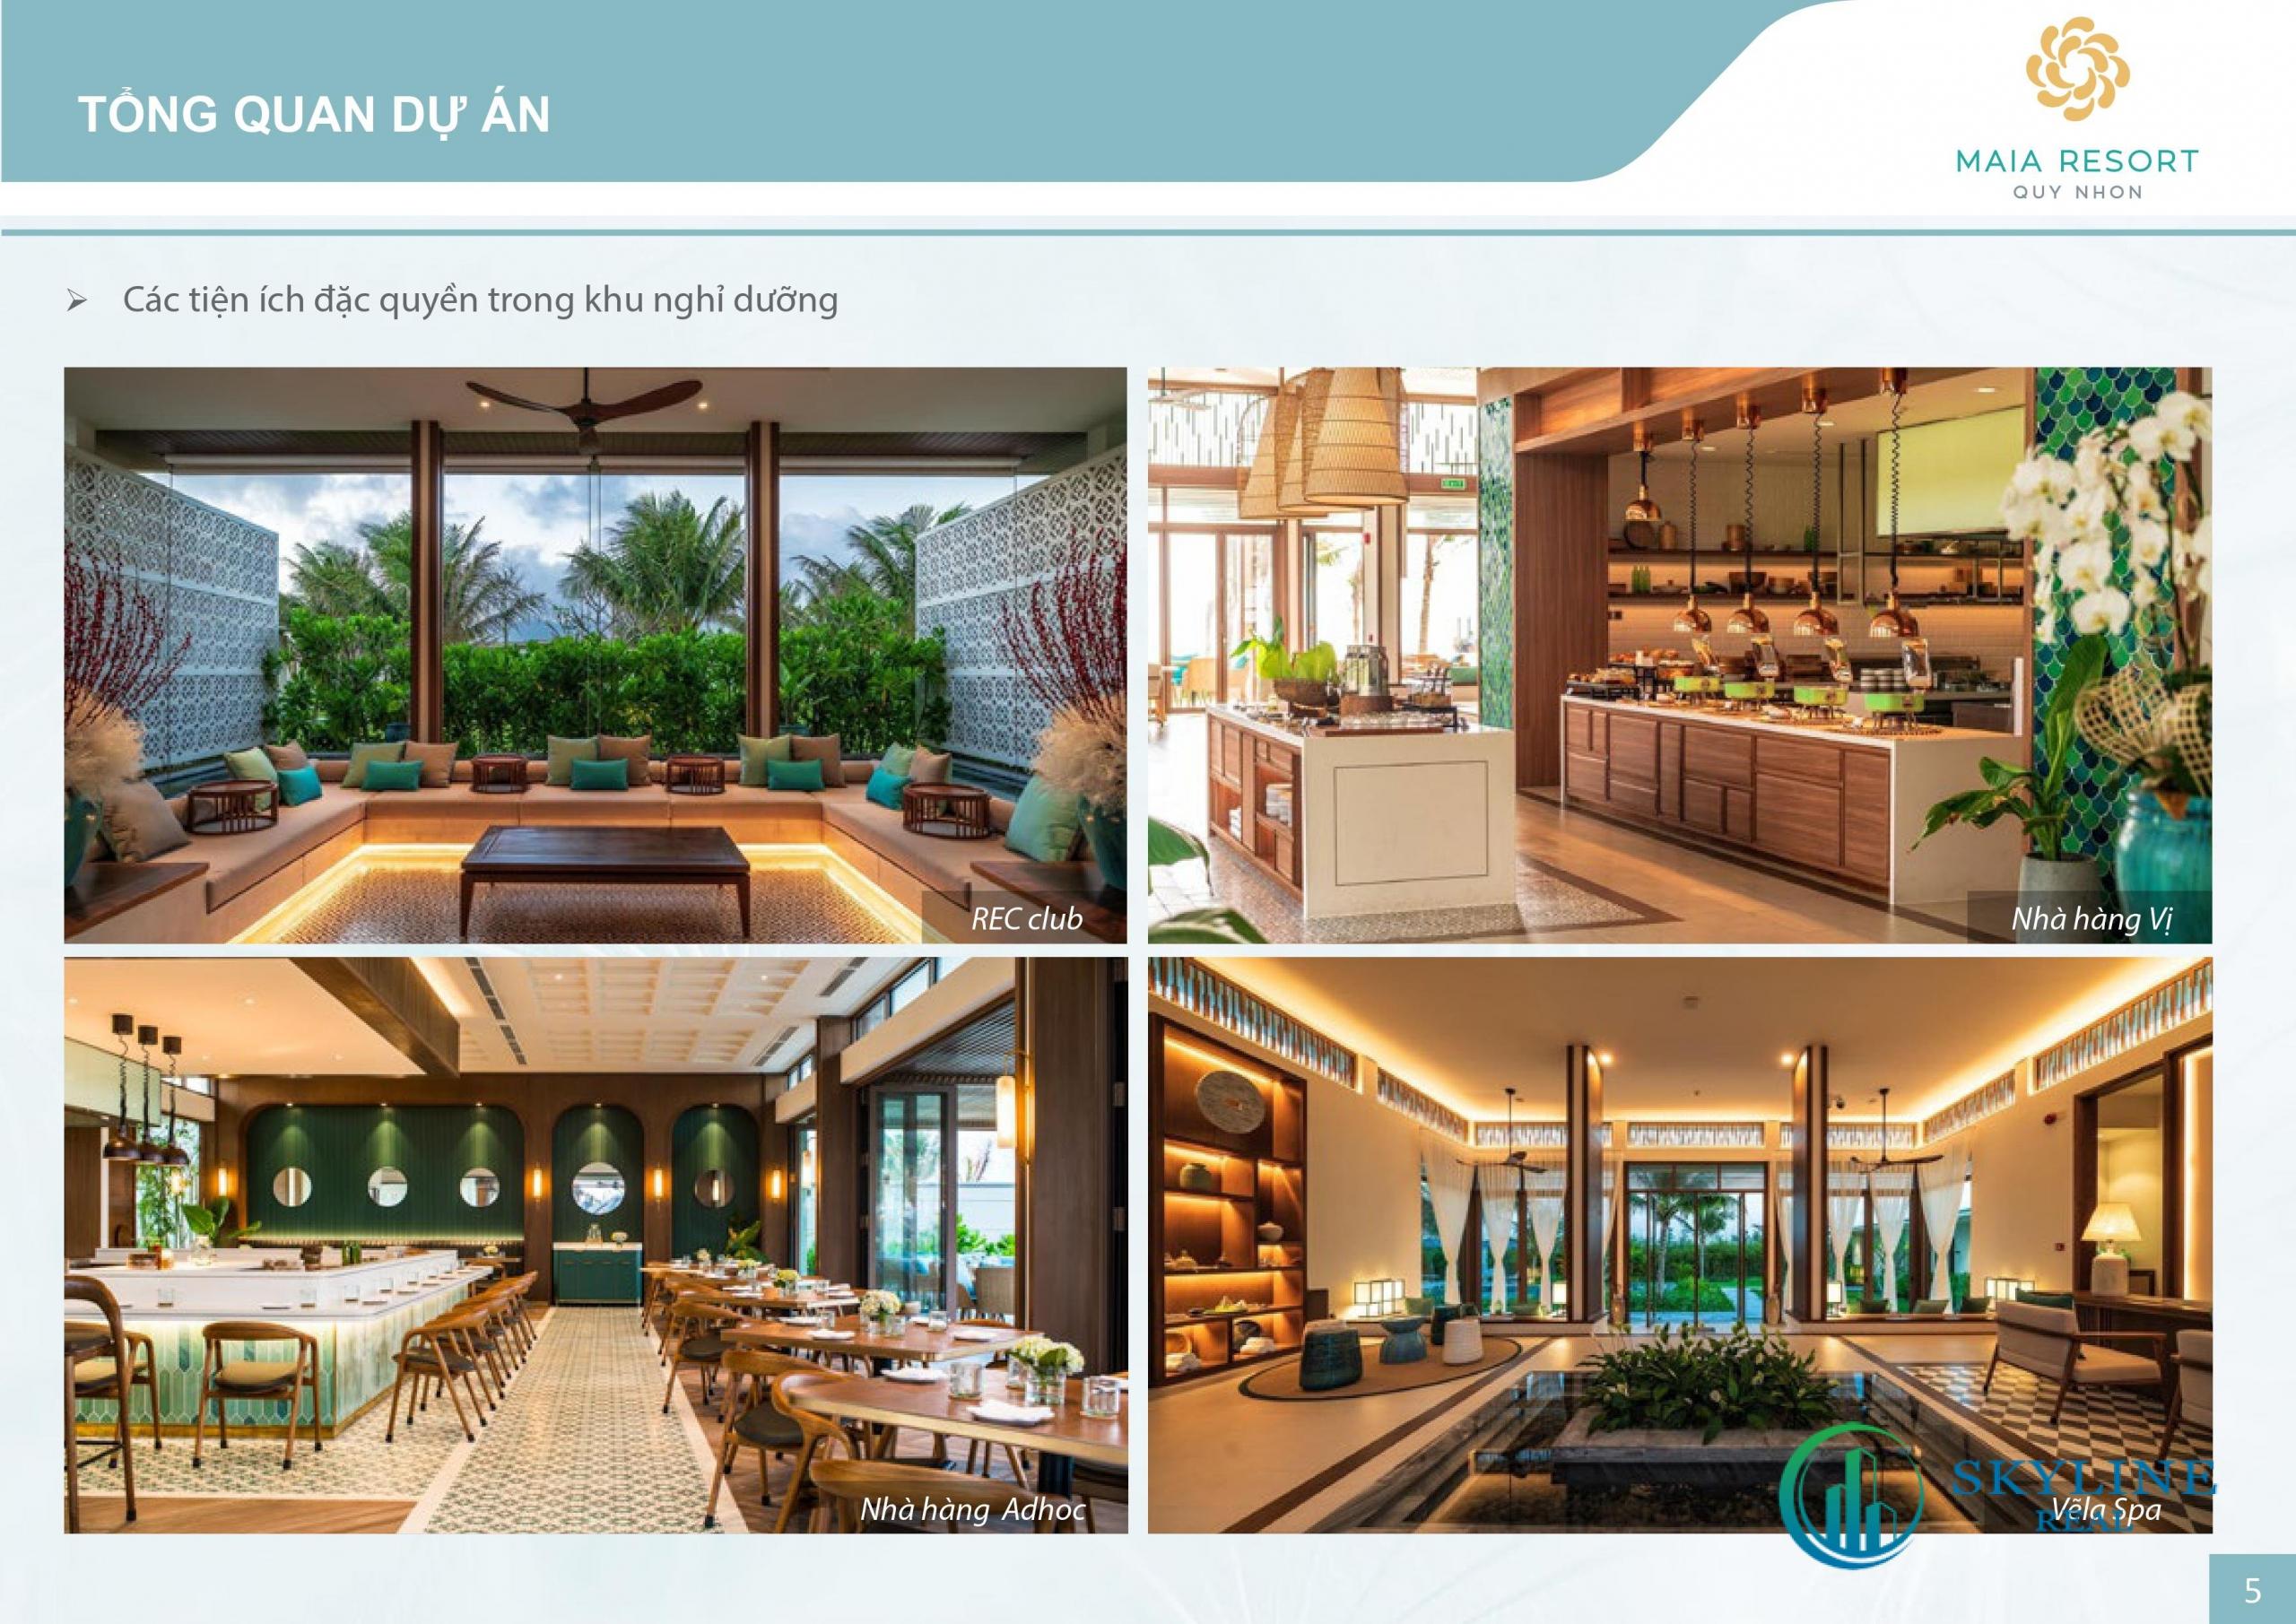 Tiện ích nổi bật dự án Maia Resort Quy Nhơn